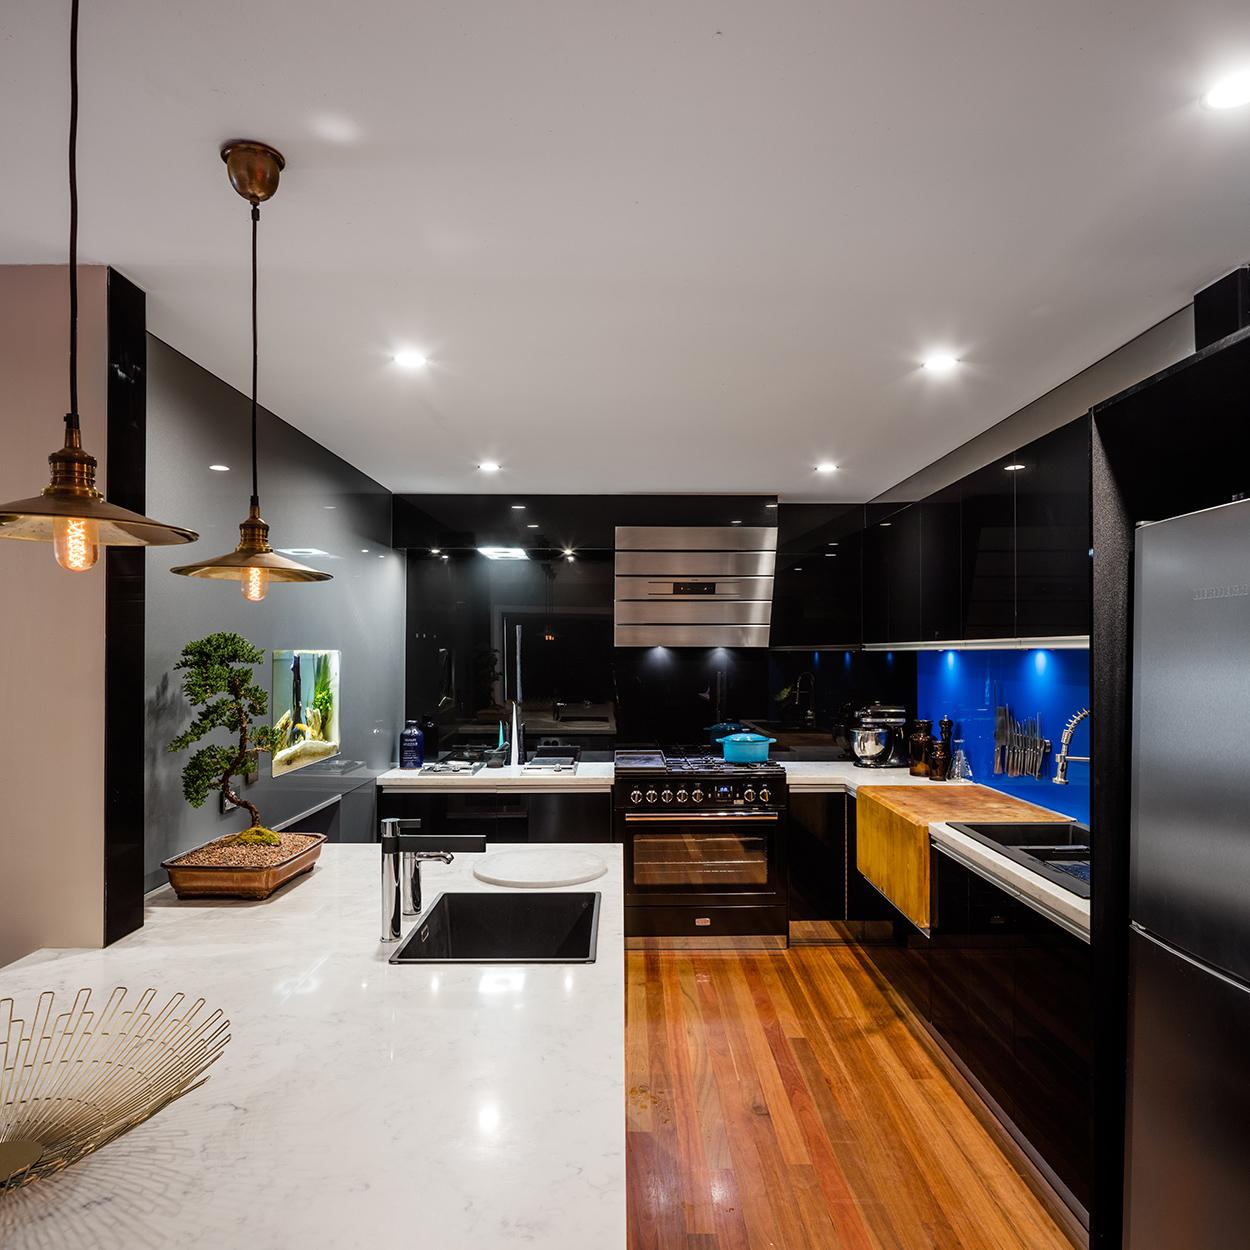 Interior-design-kitchen-photography-freedom-1.jpg